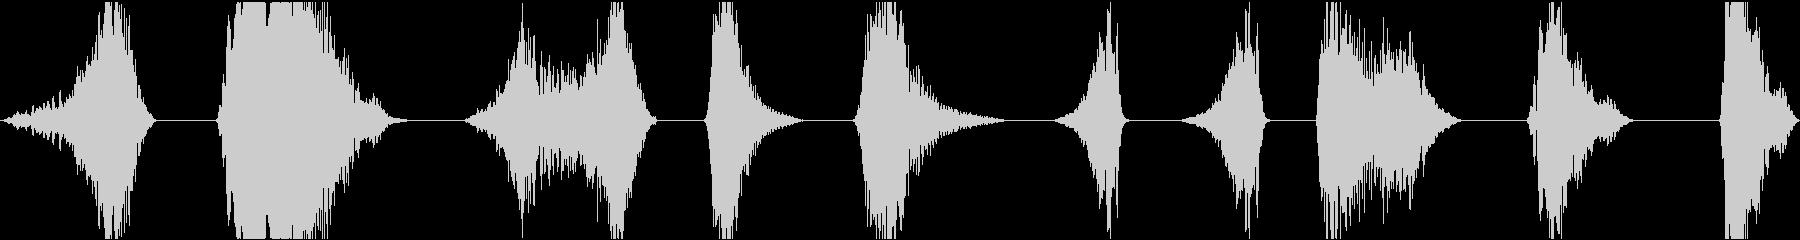 空間遷移のスイープとスワイプ、複数...の未再生の波形